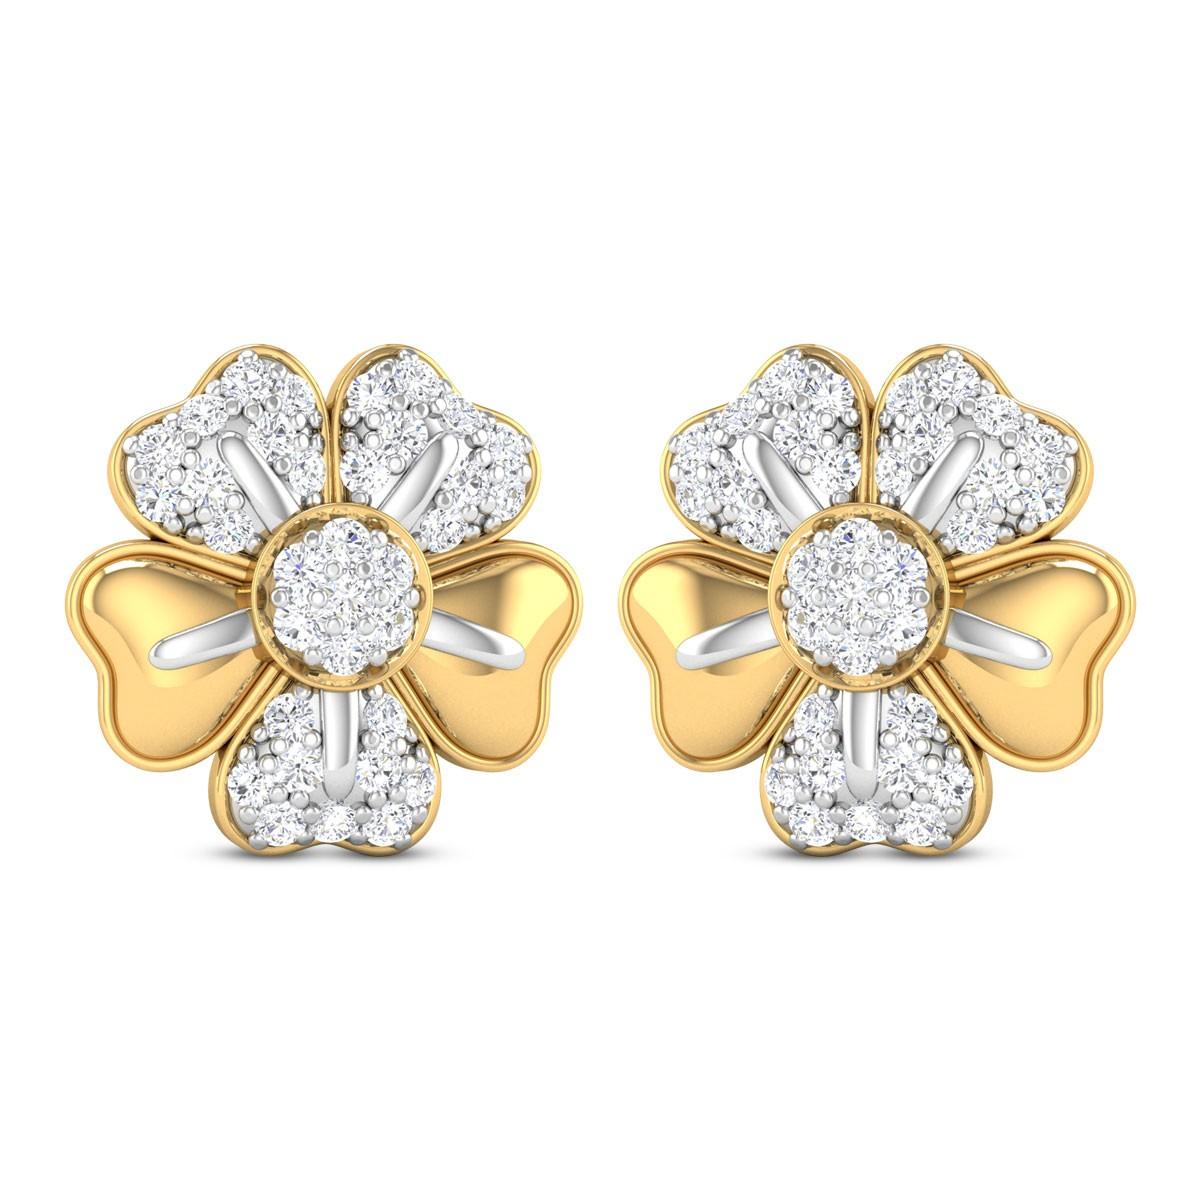 Makena Floral Diamond Stud Earrings